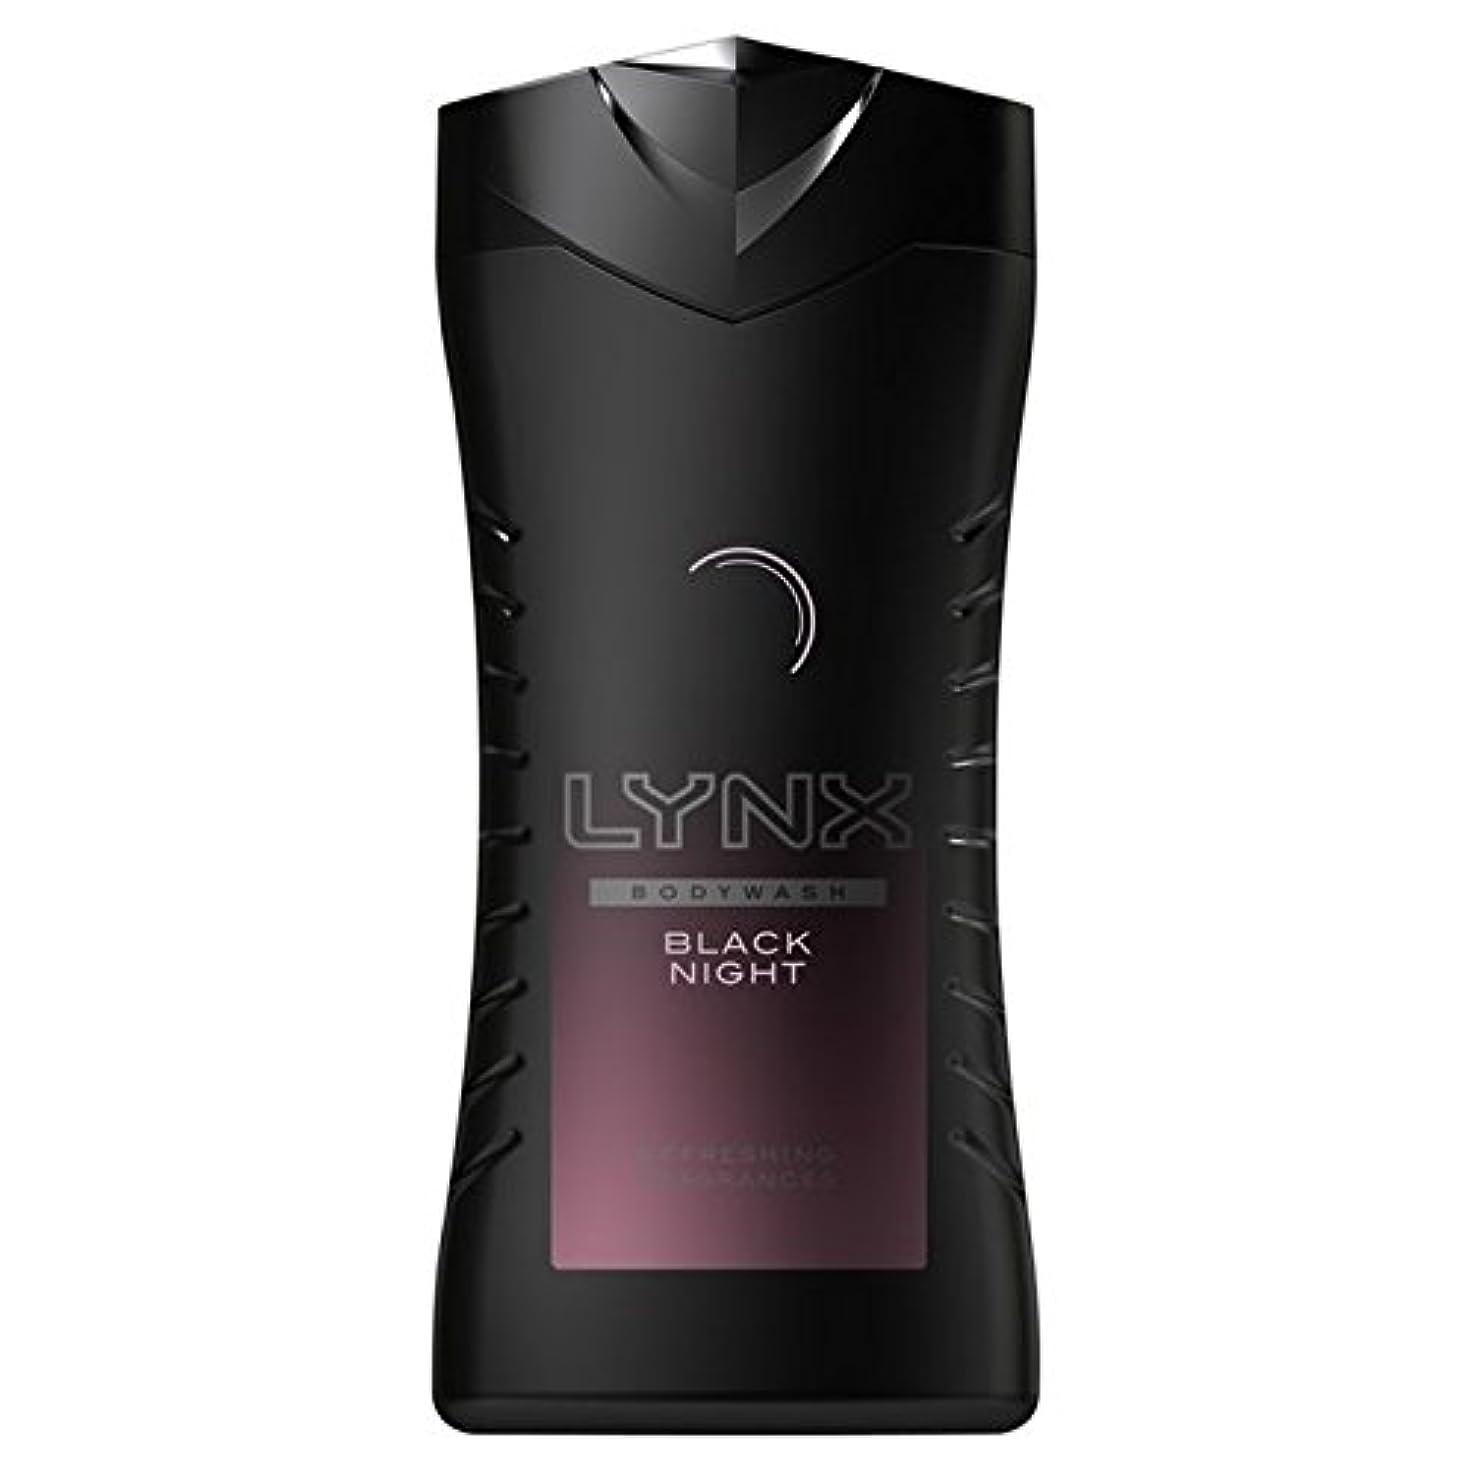 緊急著作権マークされたオオヤマネコ黒夜シャワージェル250ミリリットル x4 - Lynx Black Night Shower Gel 250ml (Pack of 4) [並行輸入品]